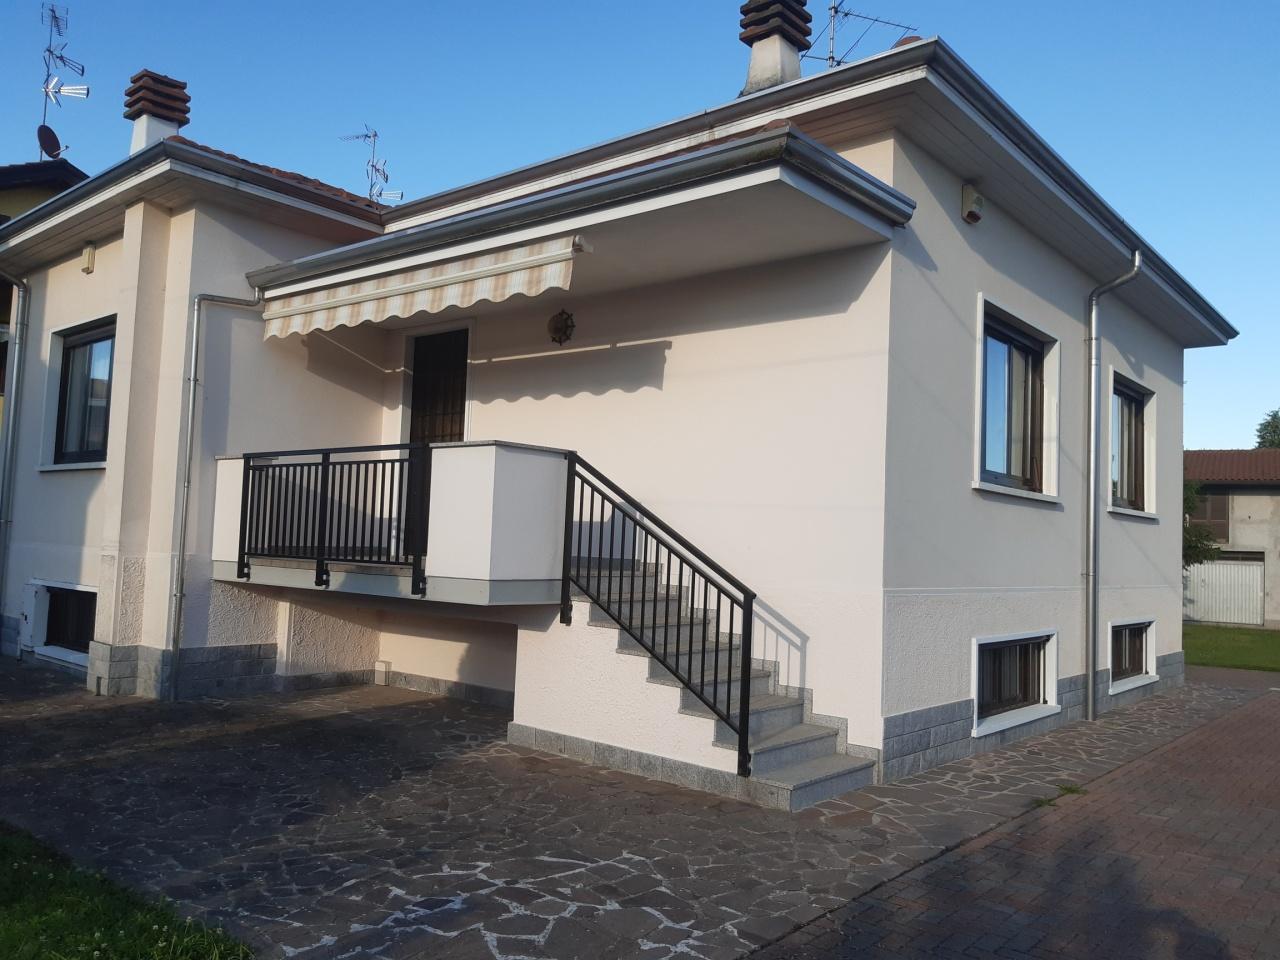 Villa in vendita a Lonate Pozzolo, 6 locali, prezzo € 245.000 | PortaleAgenzieImmobiliari.it